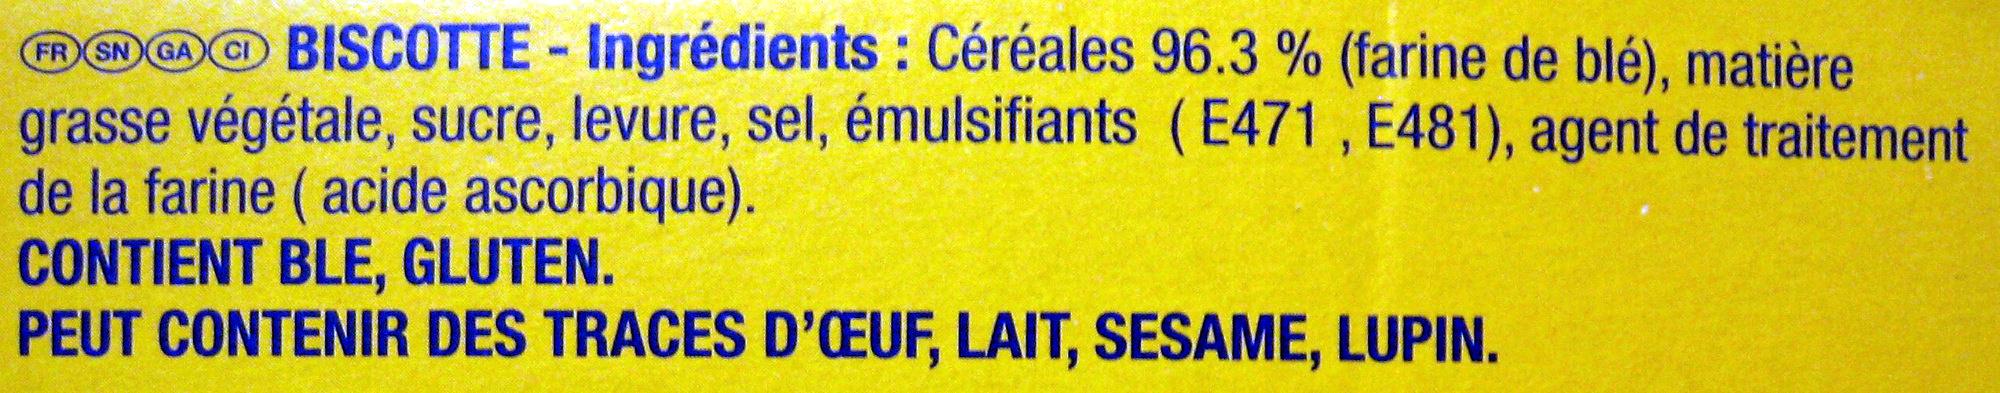 La Biscotte Heudebert - Ingrediënten